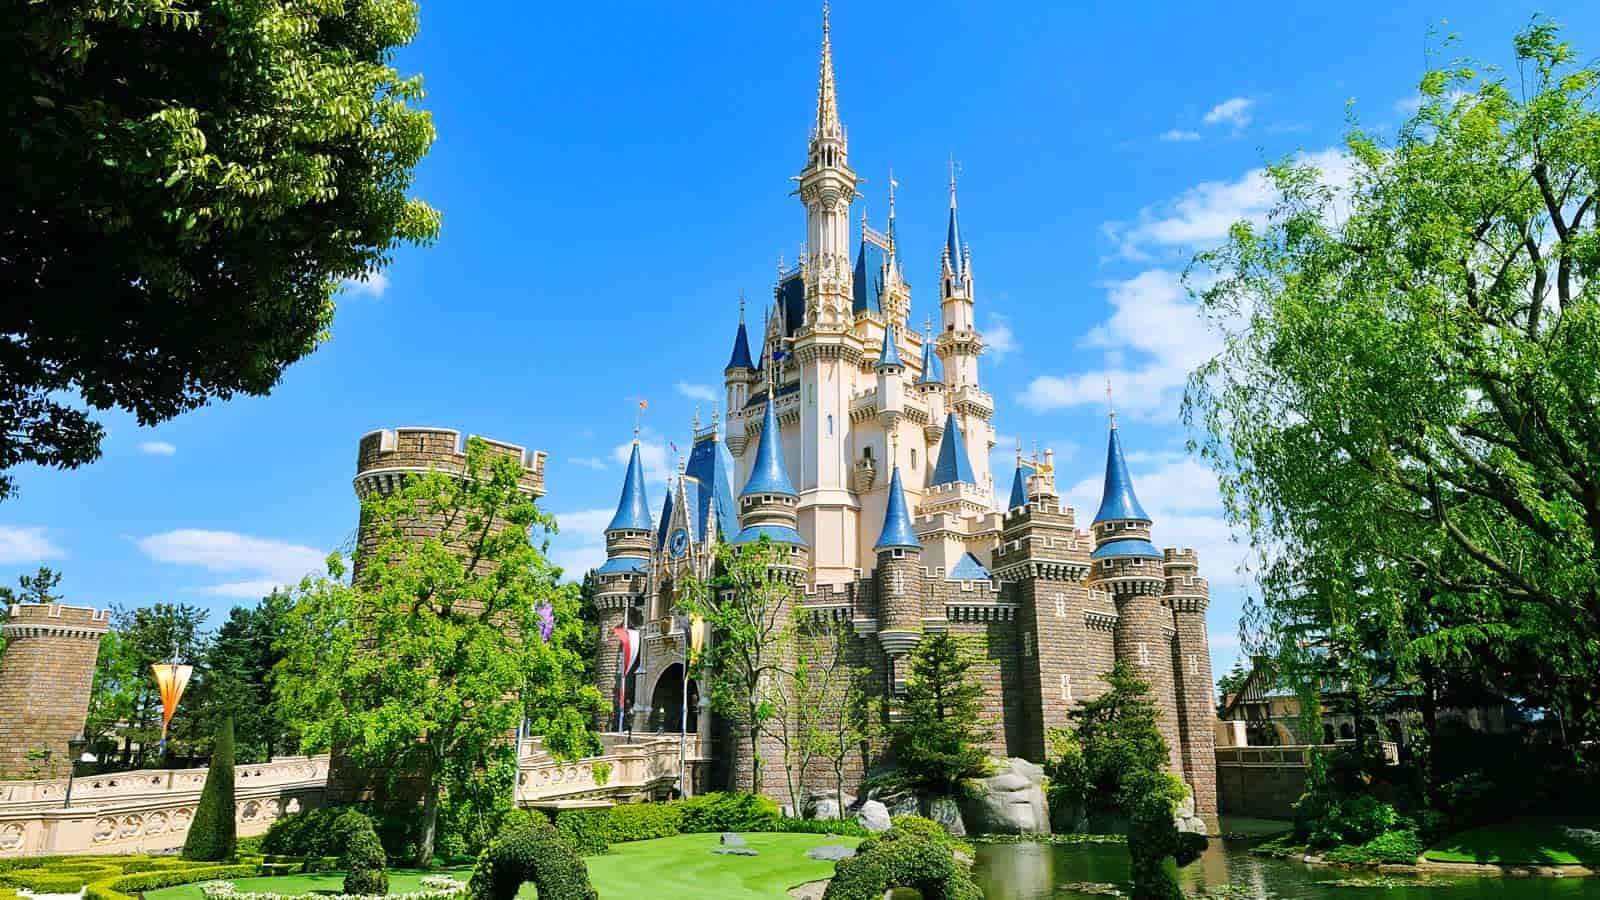 東京ディズニーランド 休園 期間 延長 再開 4月20日 以降 ディズニーホテル 4月1日 休館 決定 対象 ホテル 一覧